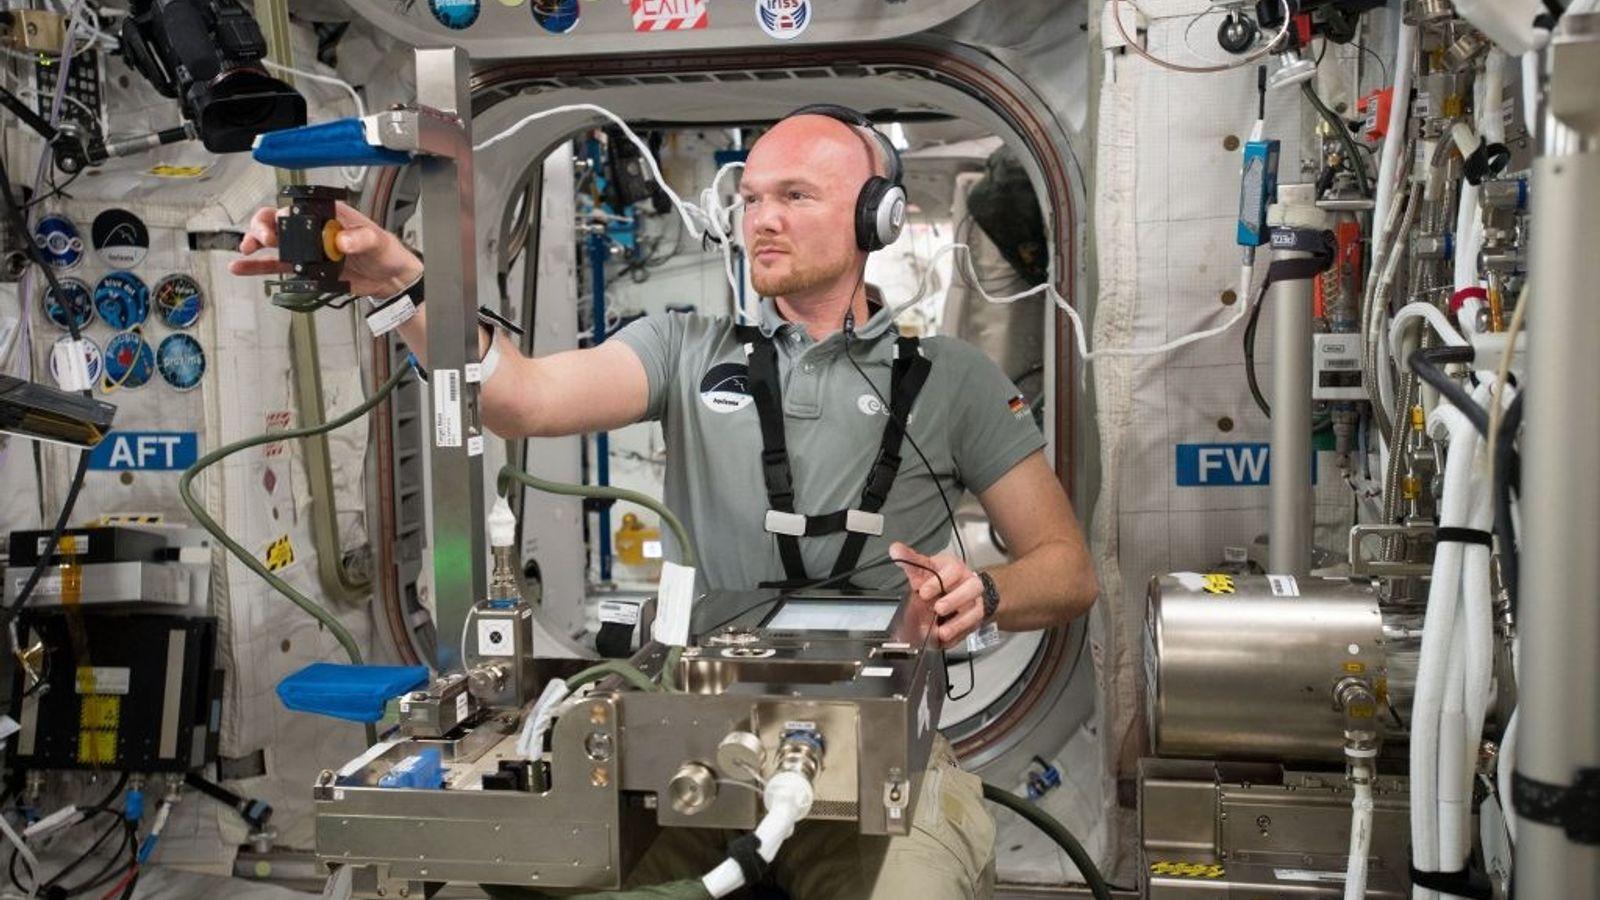 Im Rahmen des Grip-Experiments wird untersucht, wie das Gehirn bei Greifbewegungen auf die schwerelose Umgebung reagiert.